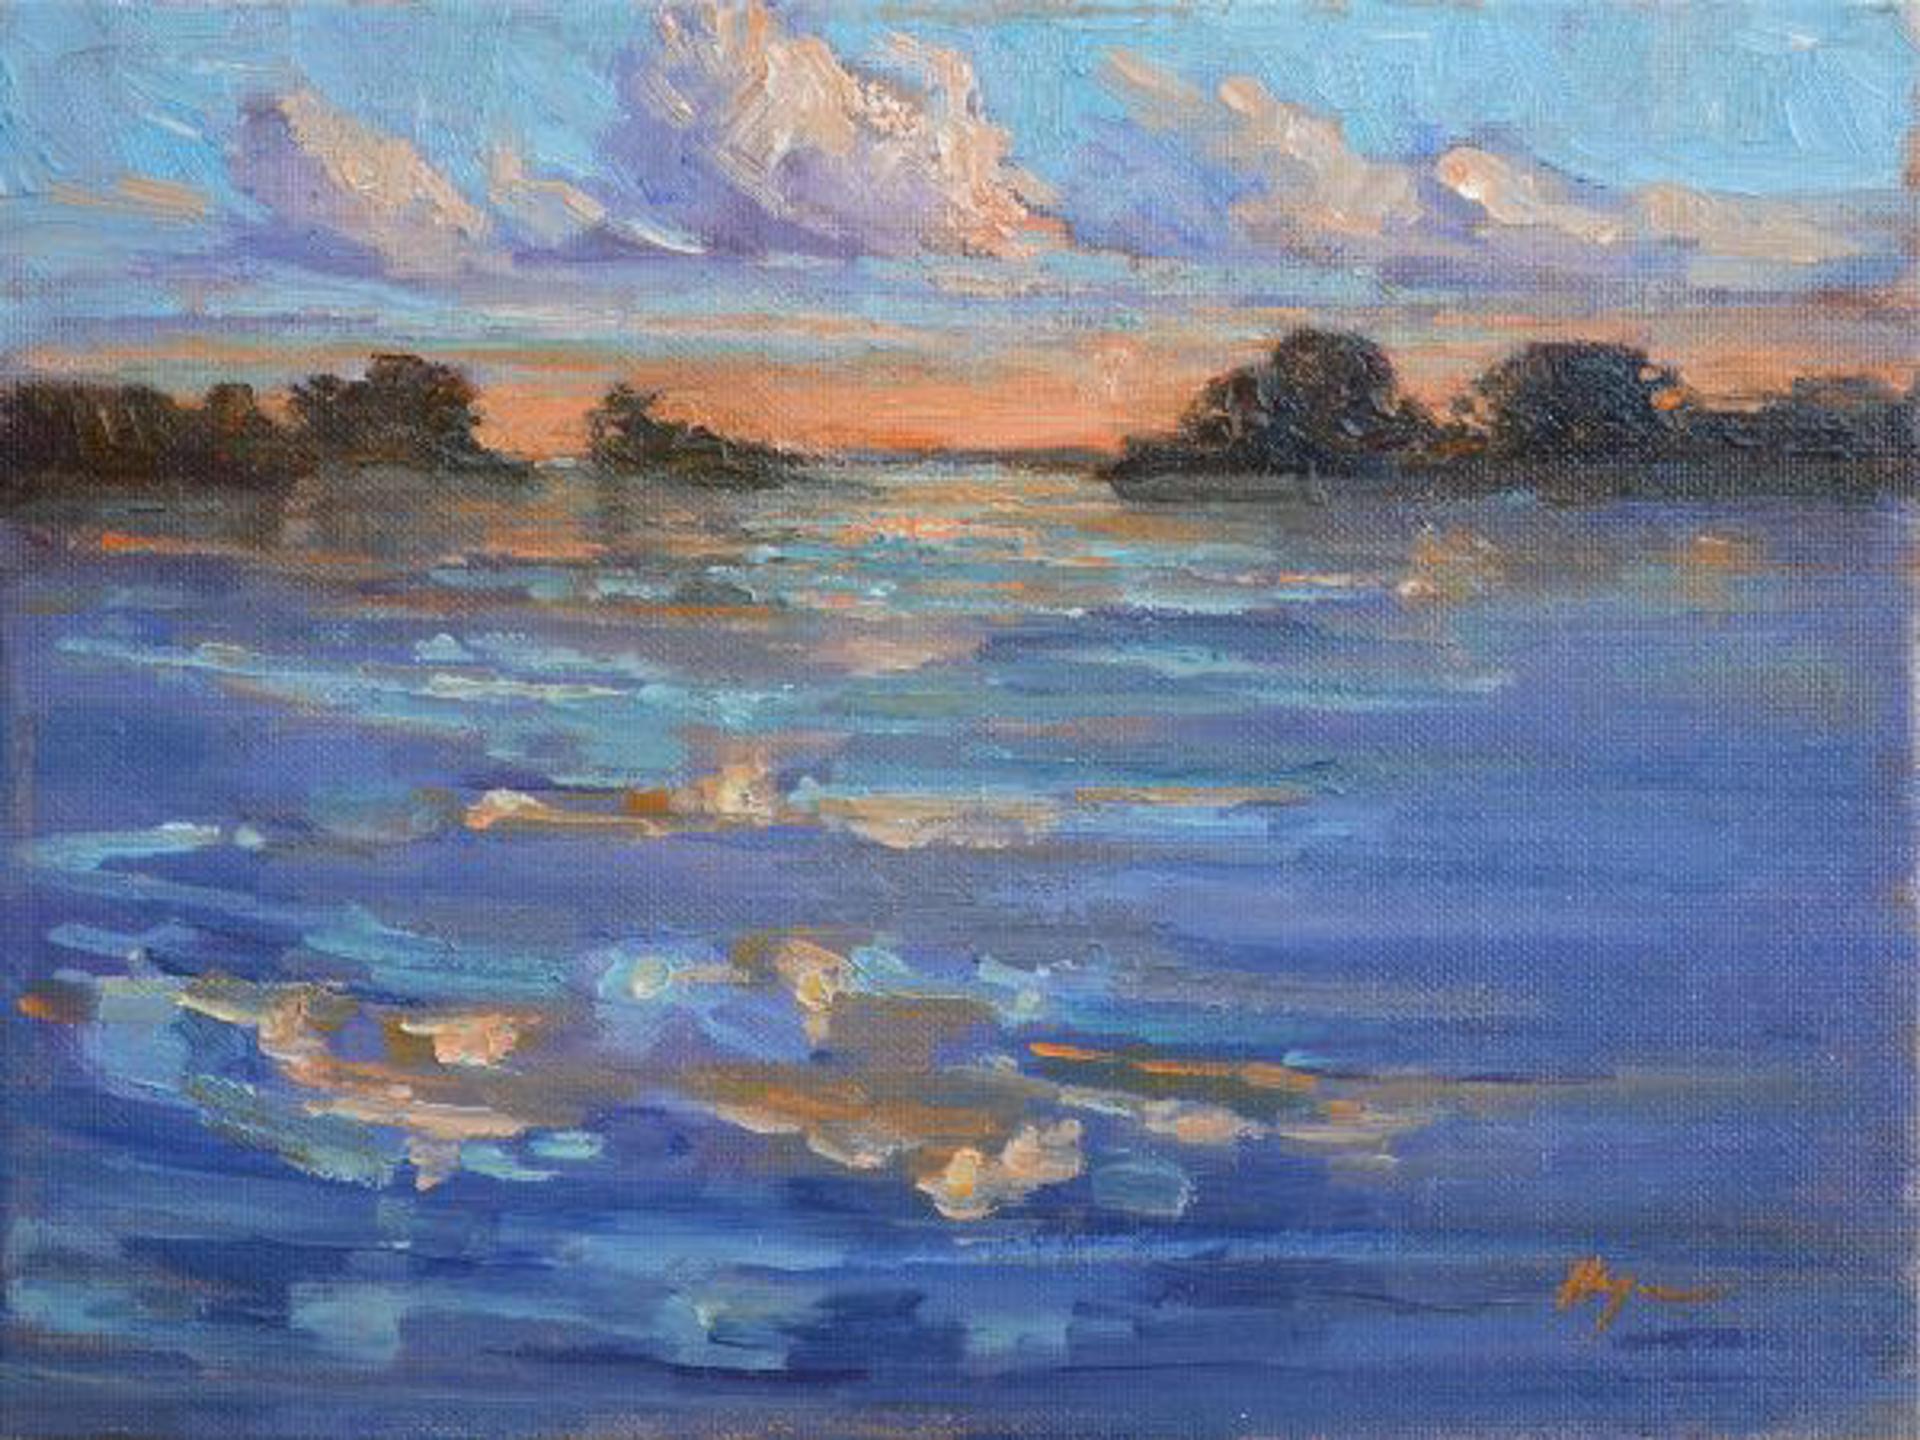 Distant Shores Calling by Karen Hewitt Hagan